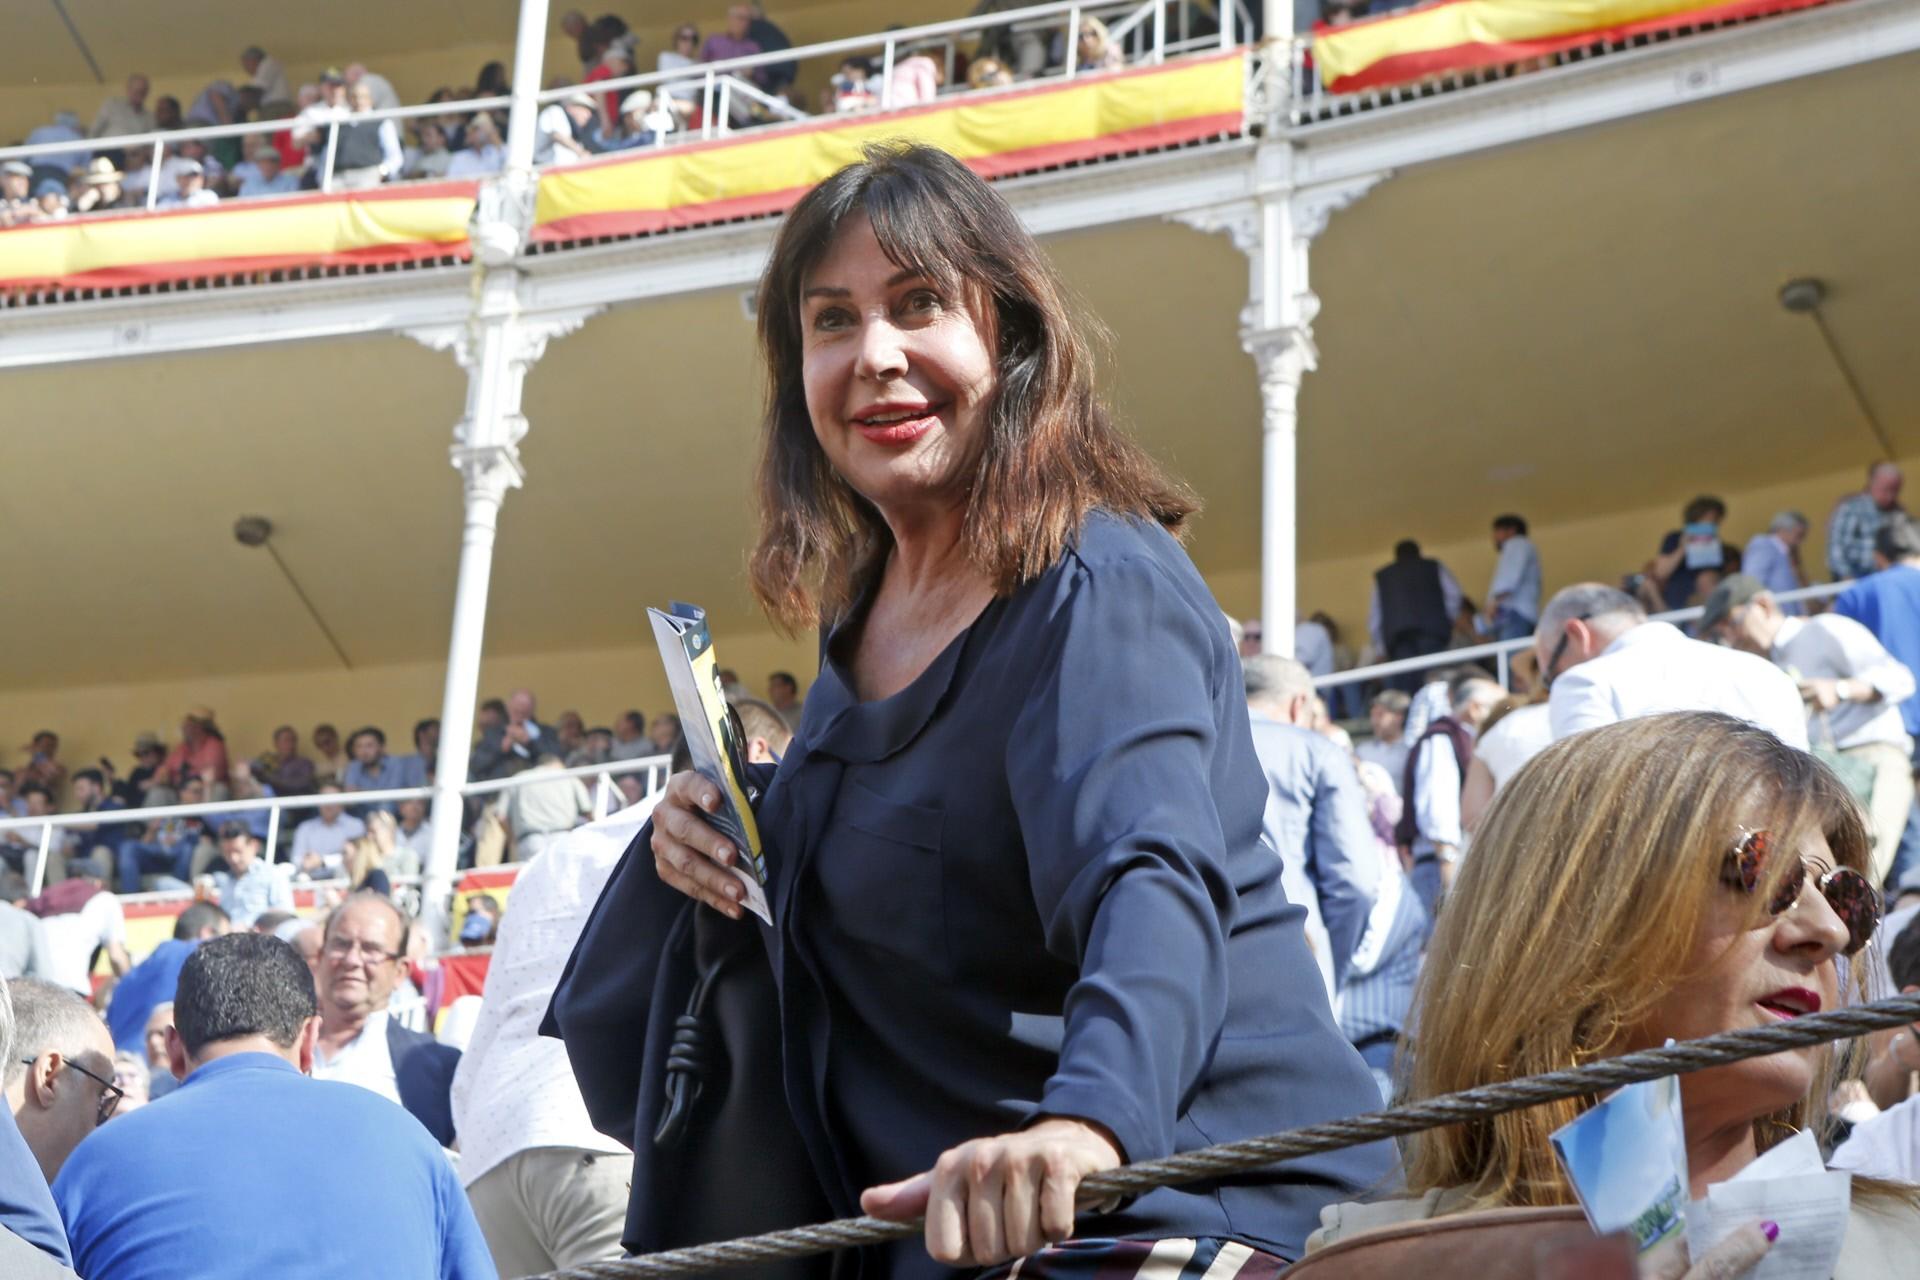 el-boe-la-ha-reconocido-como-duquesa-de-franco